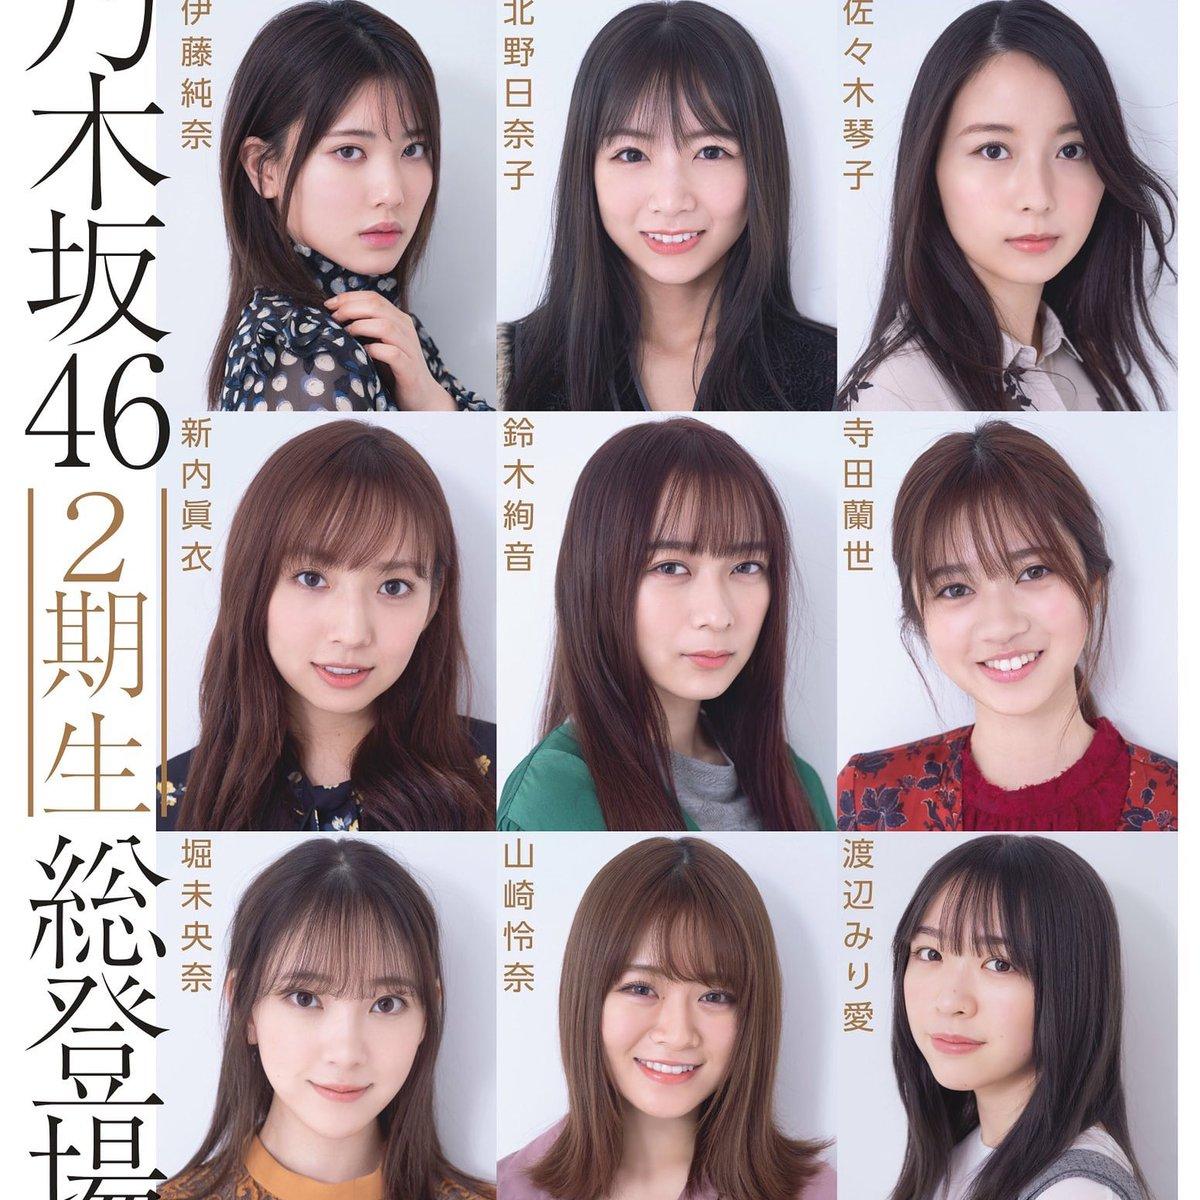 2 乃木坂 ライブ 46 期生